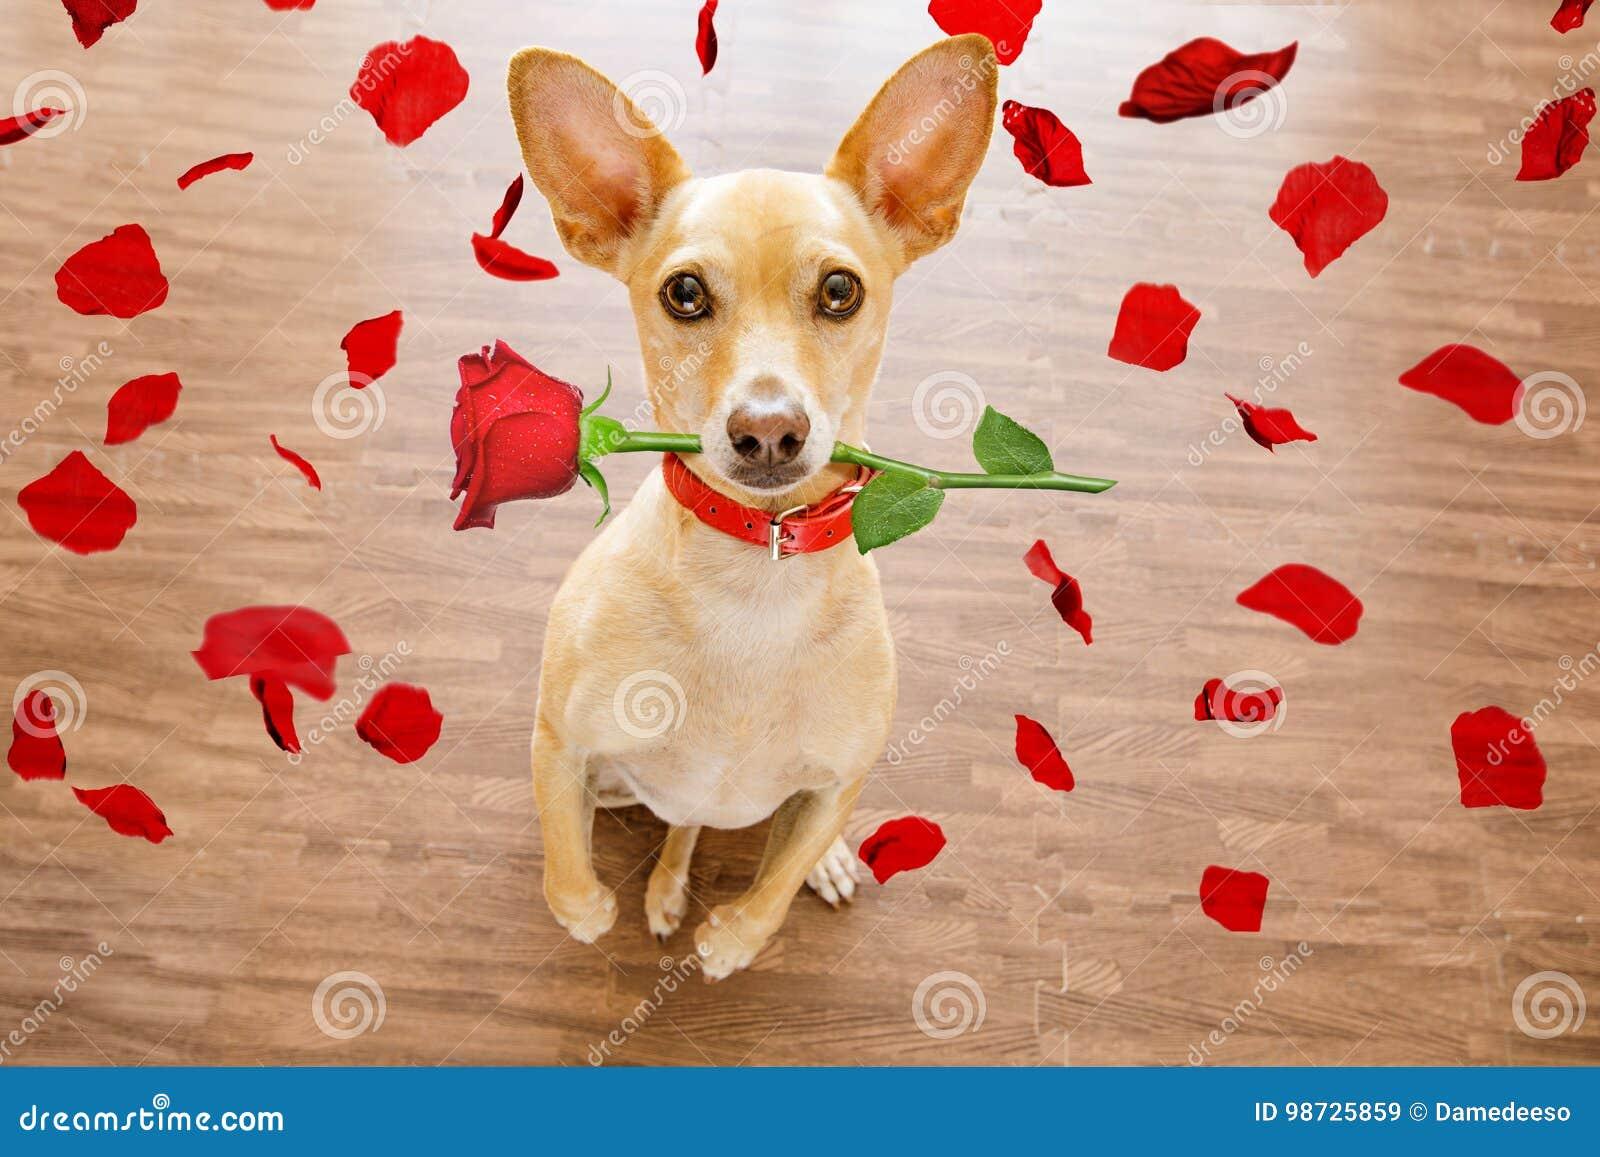 Les valentines poursuivent dans l amour avec se sont levées dans la bouche